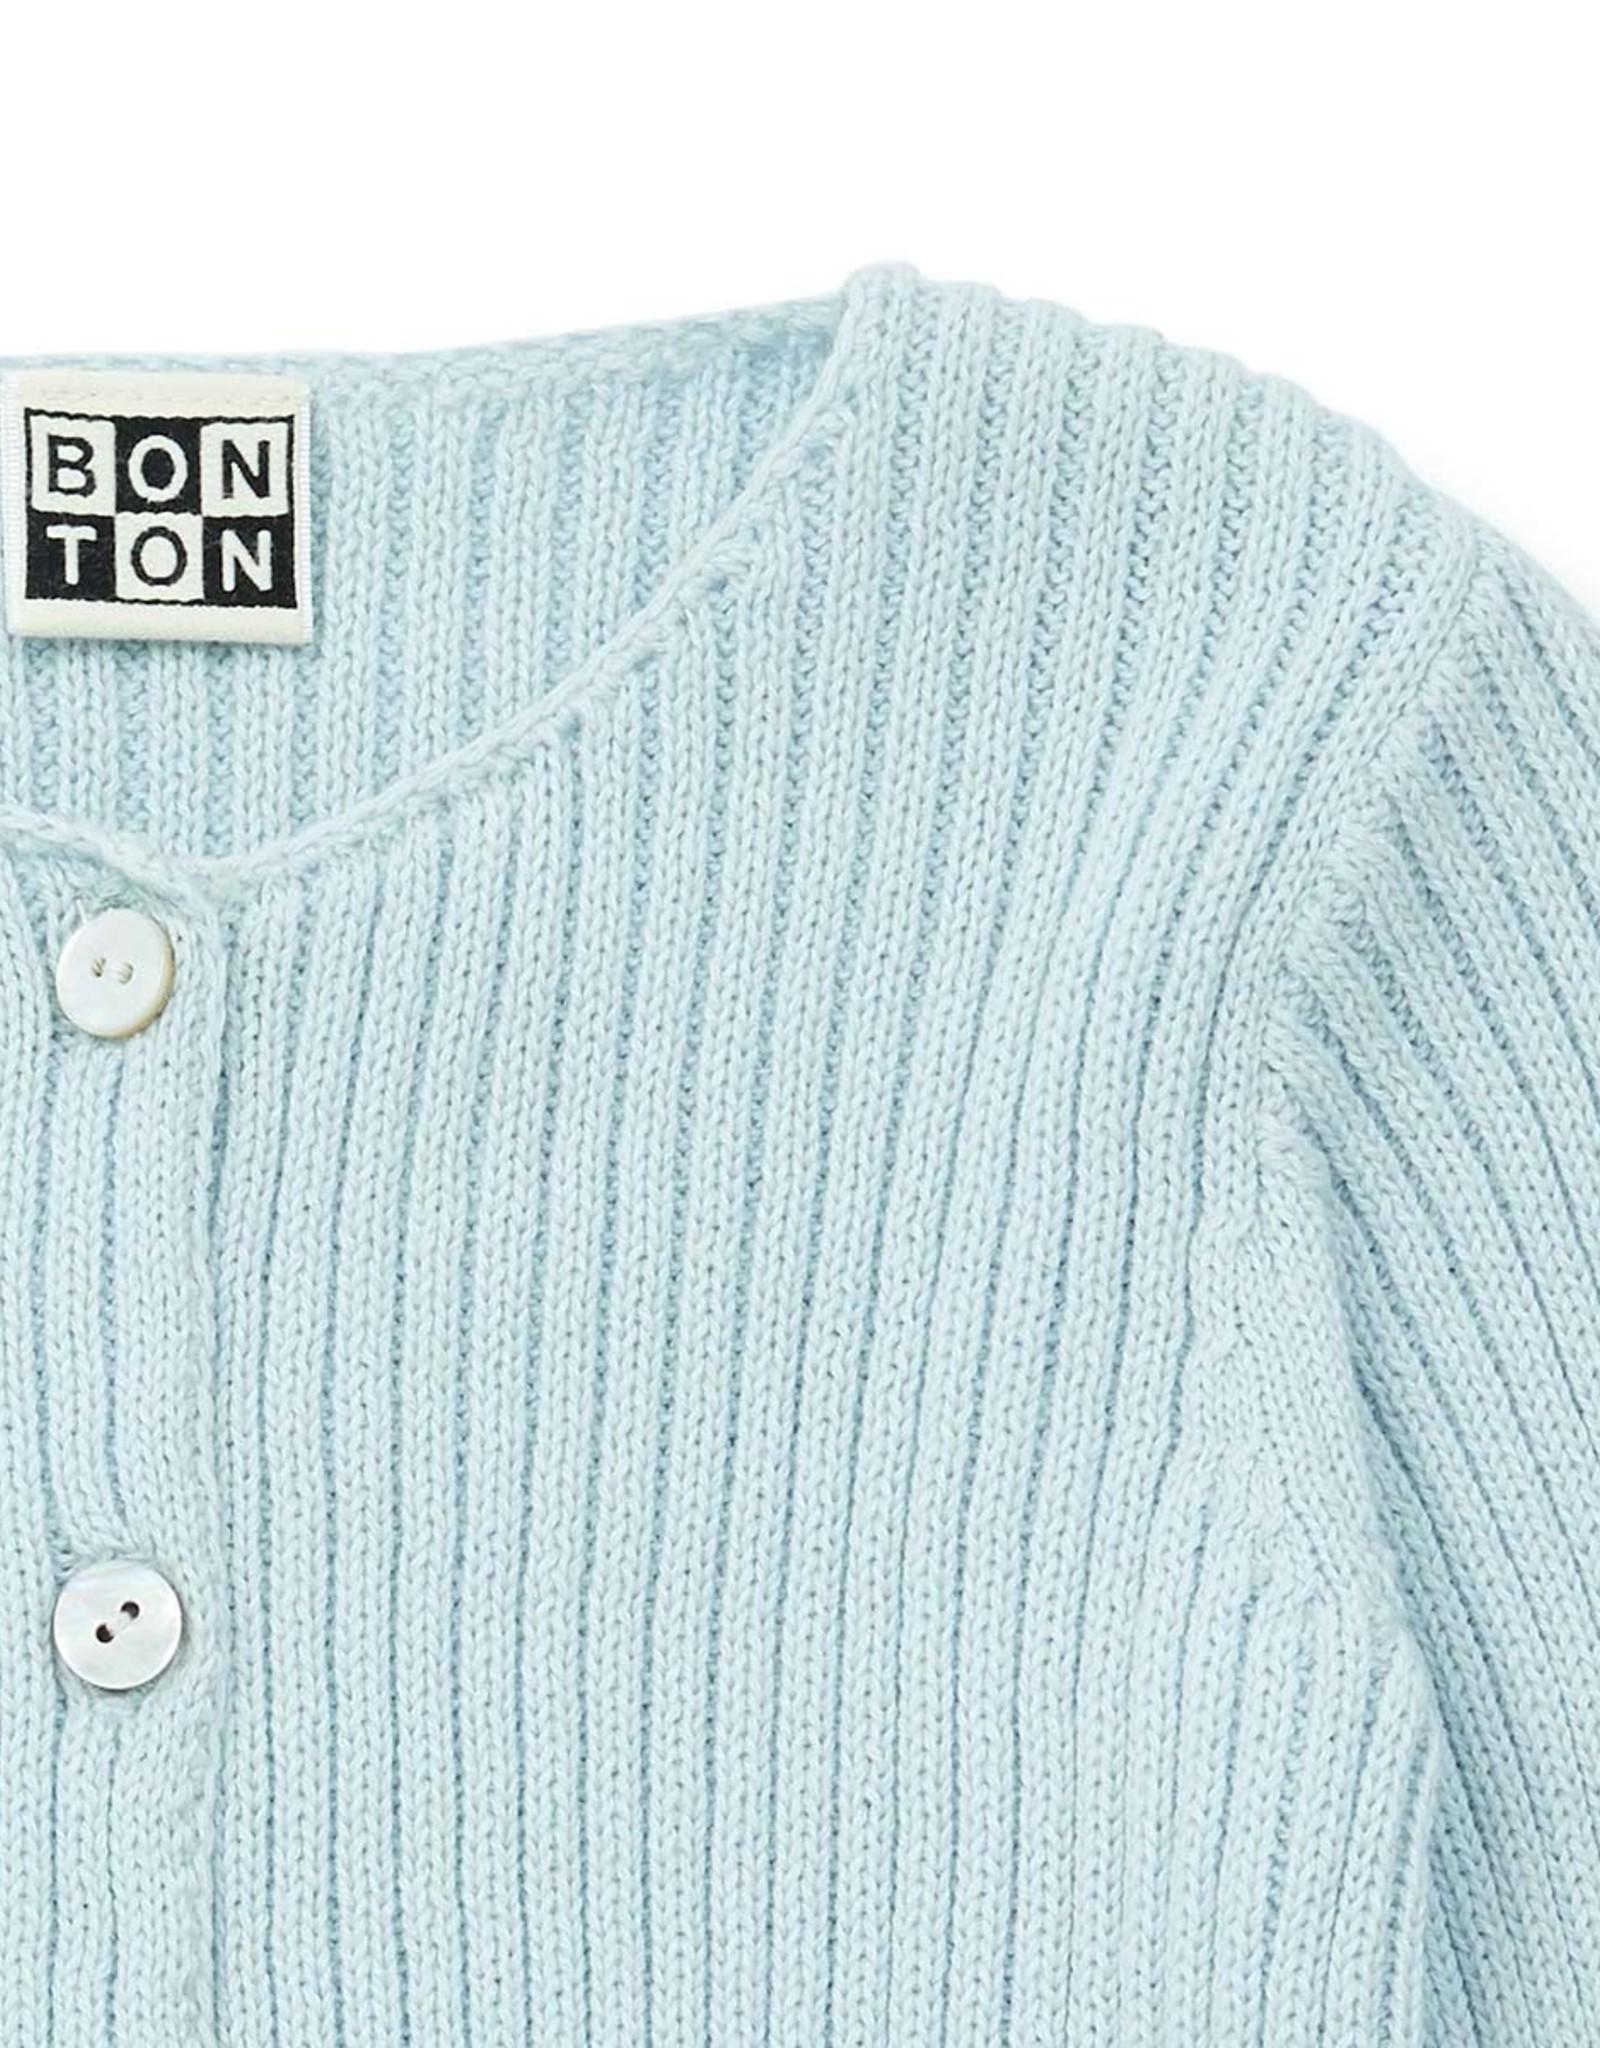 Bonton Cardigan Mouton